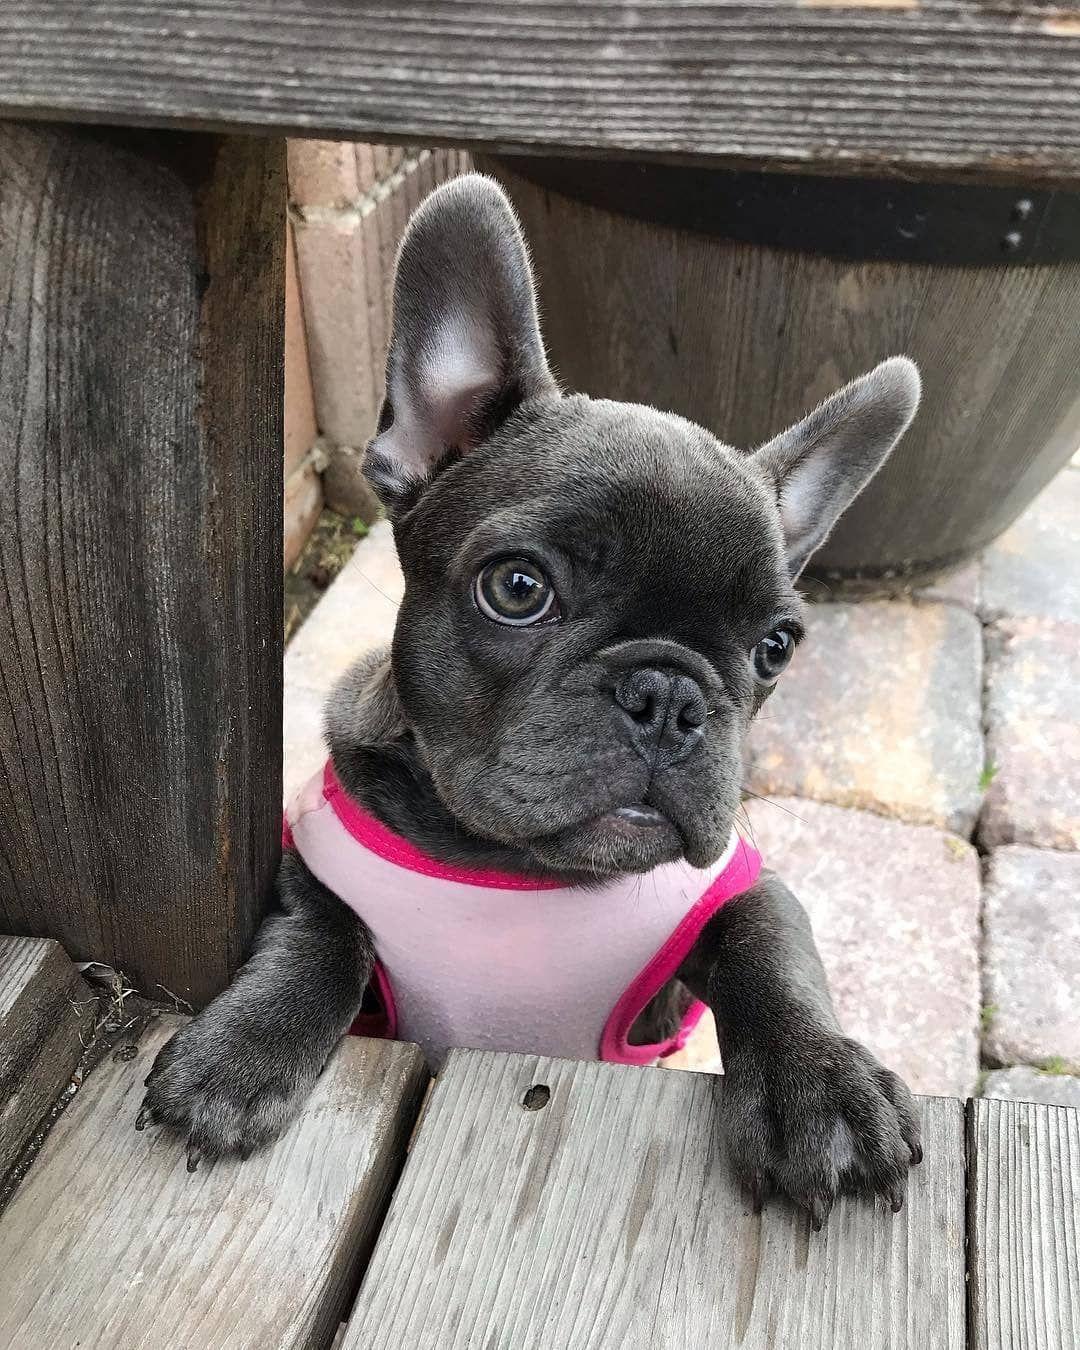 R A R I Rarithefrenchie French Bulldog Cute French Bulldog